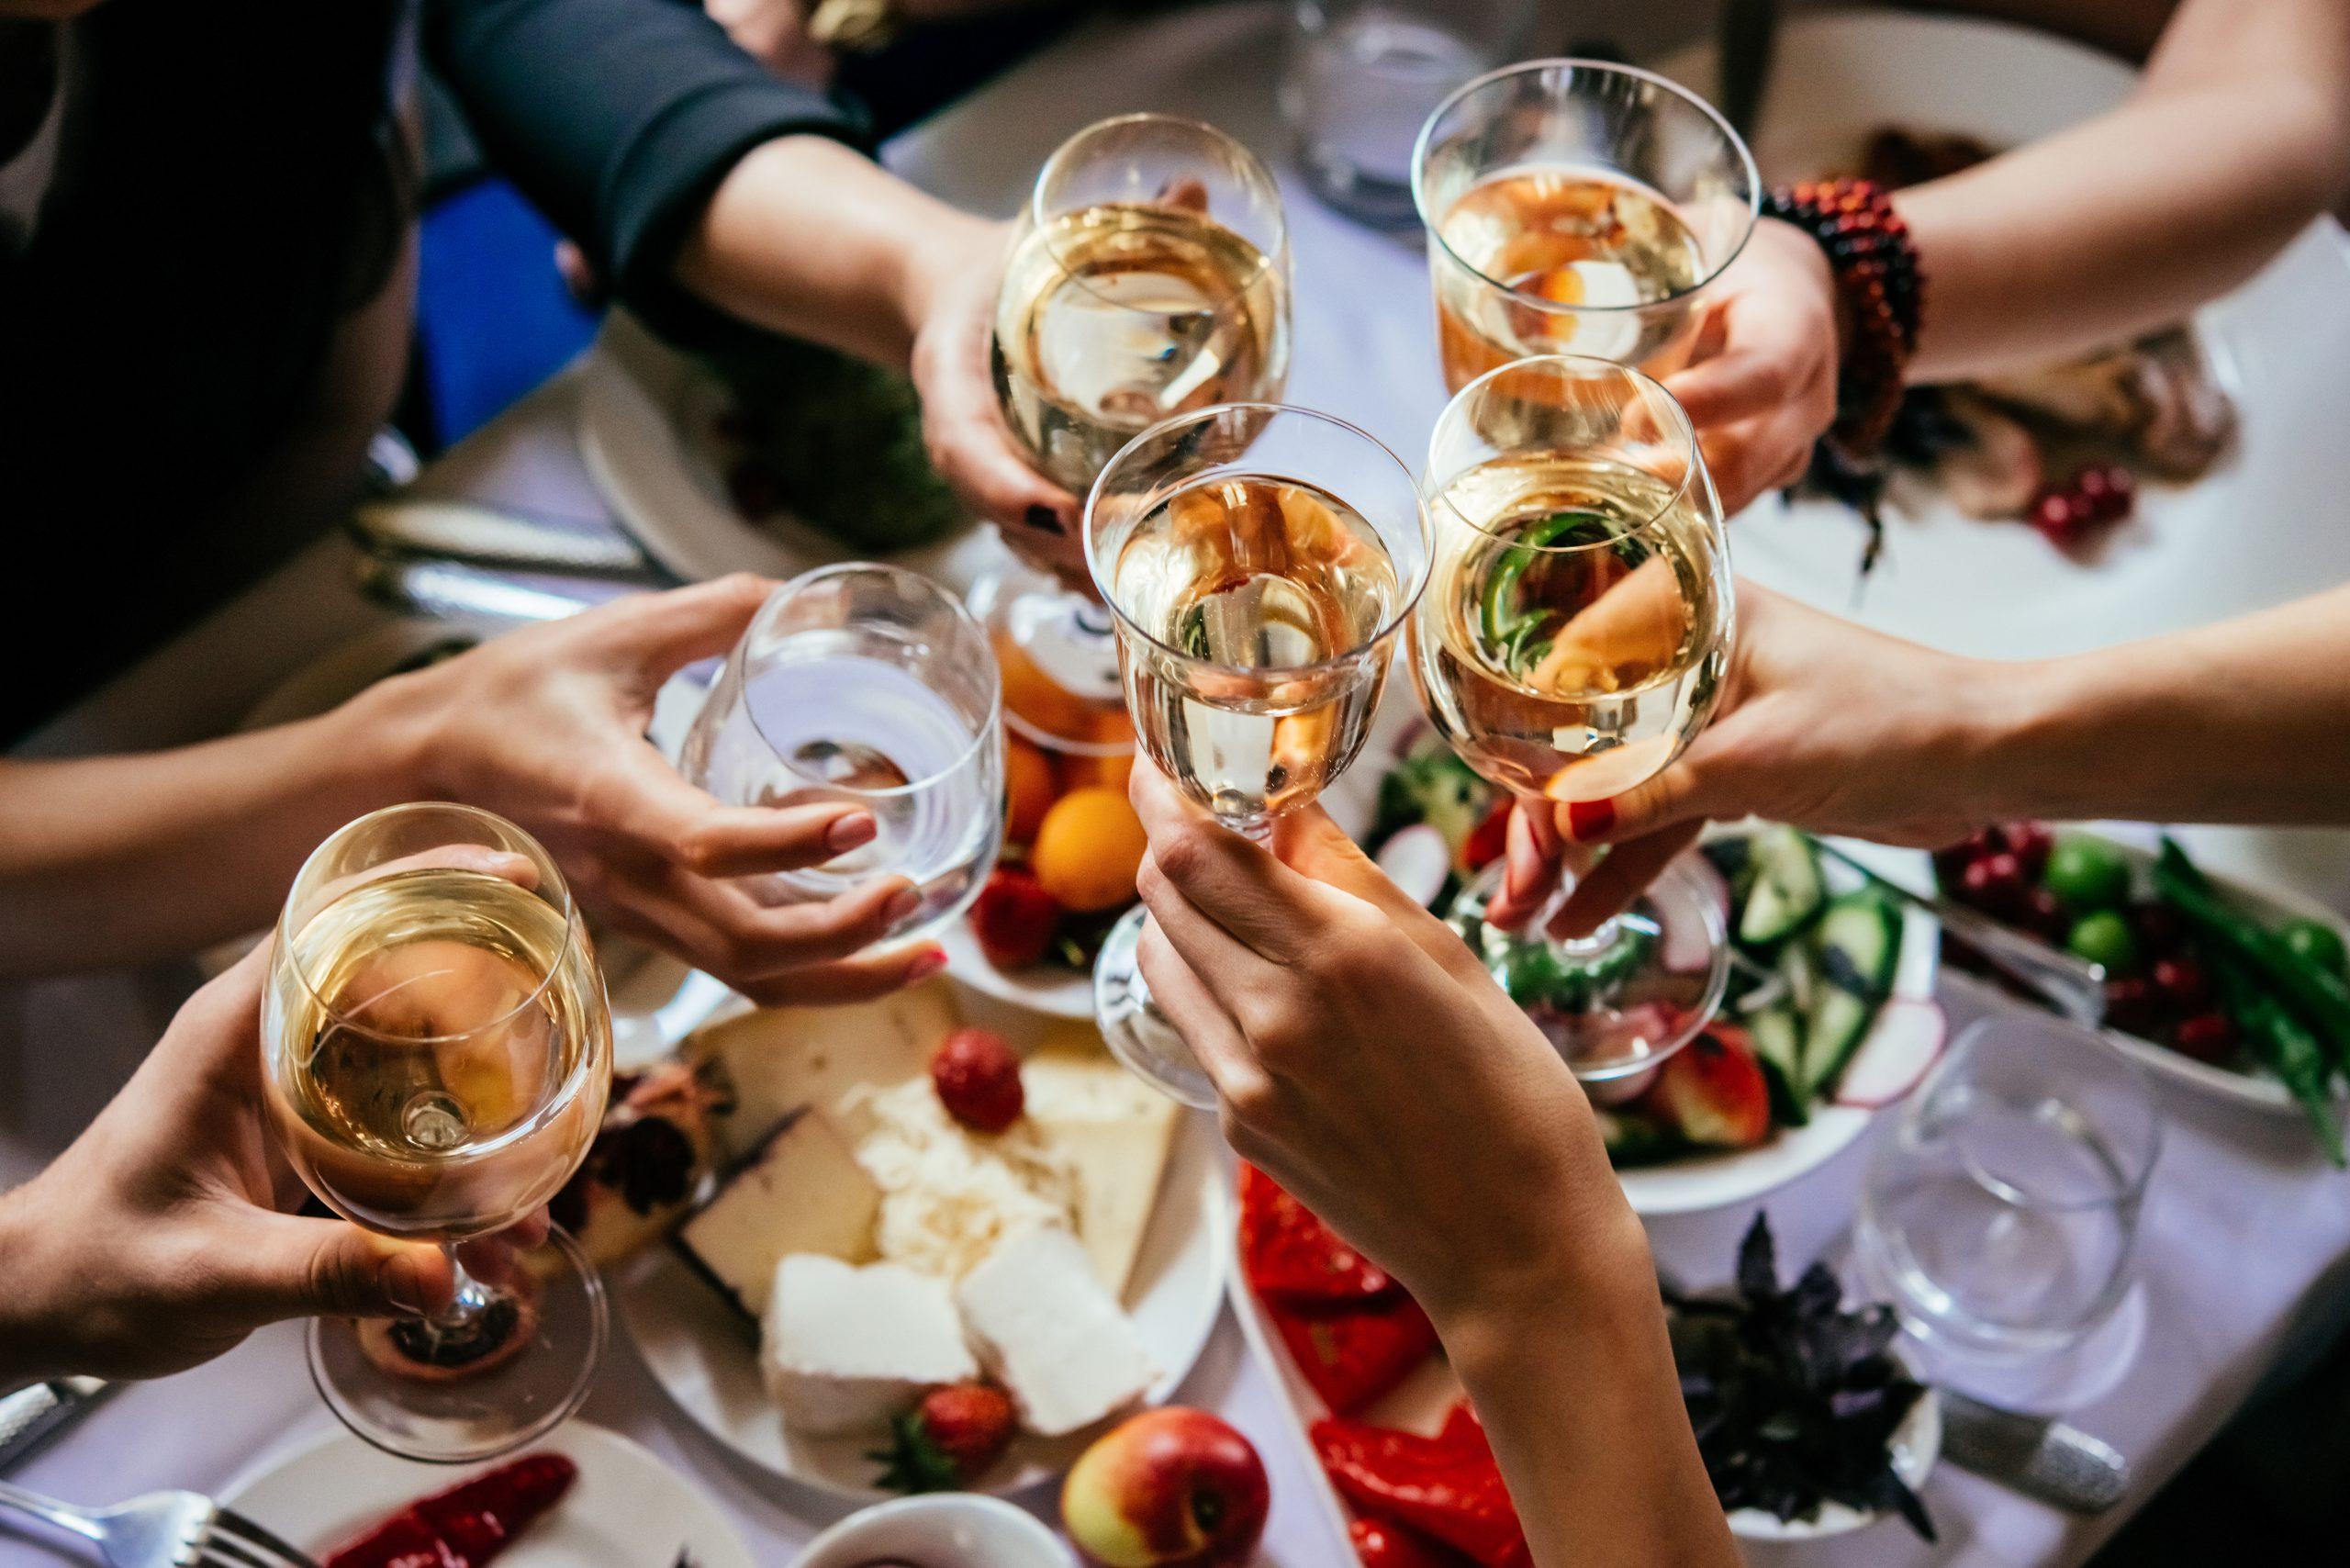 白ワインといえばシャブリ?おいしさの秘密やぴったりの料理を選ぼう